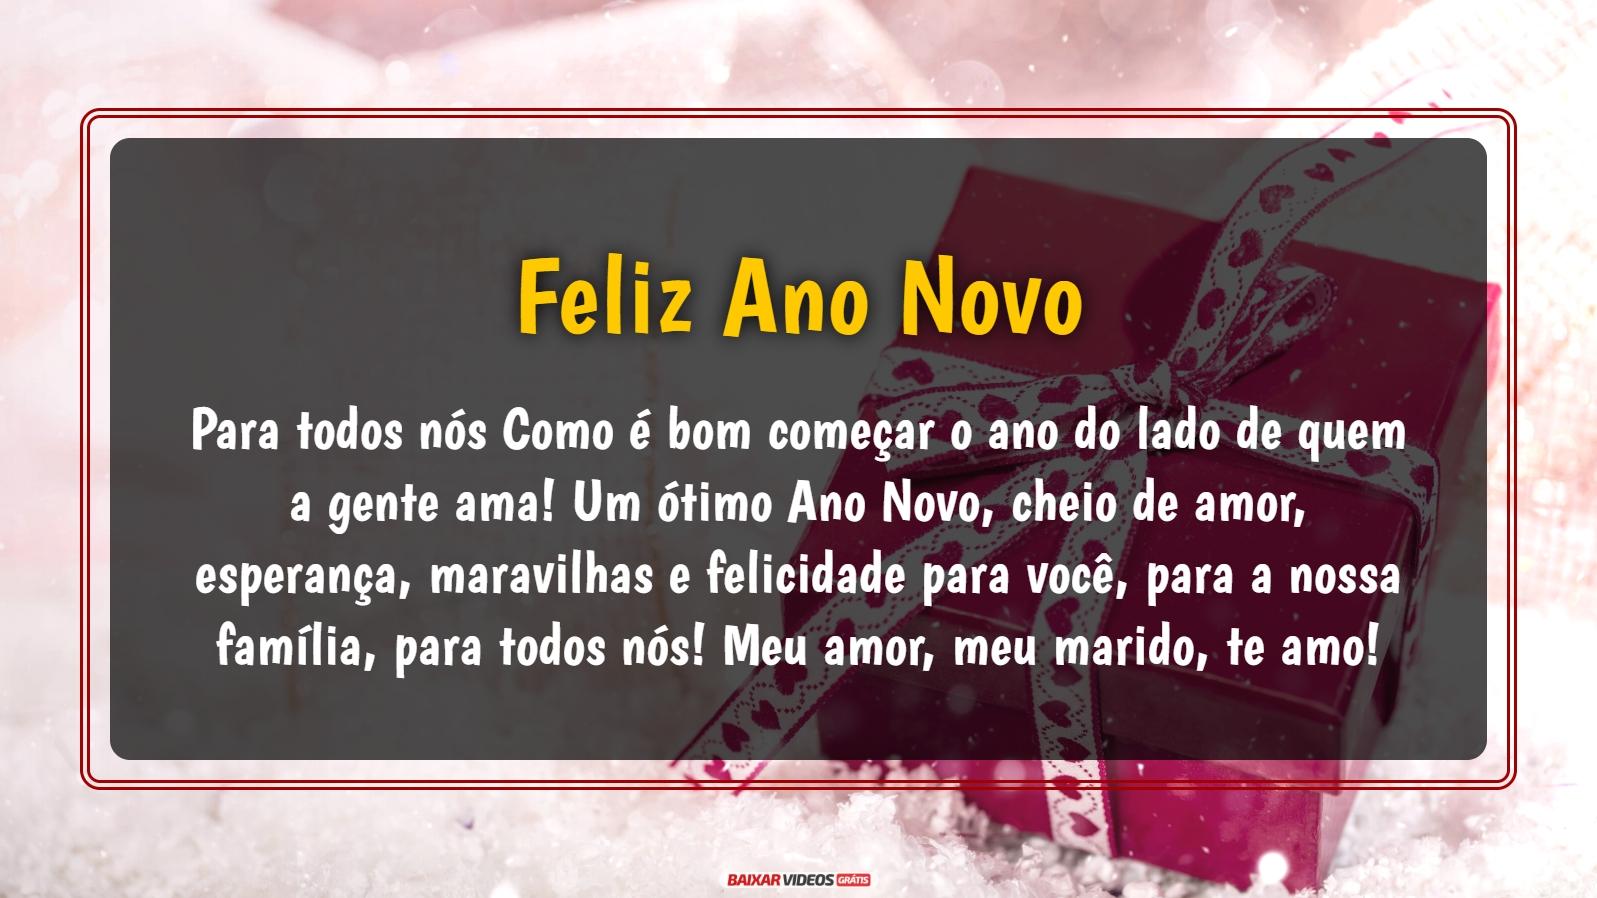 Para todos nós Como é bom começar o ano do lado de quem a gente ama! Um ótimo Ano Novo, cheio de amor, esperança, maravilhas e felicidade para você, para a nossa família, para todos nós! Meu amor, meu marido, te amo! Feliz ano novo!